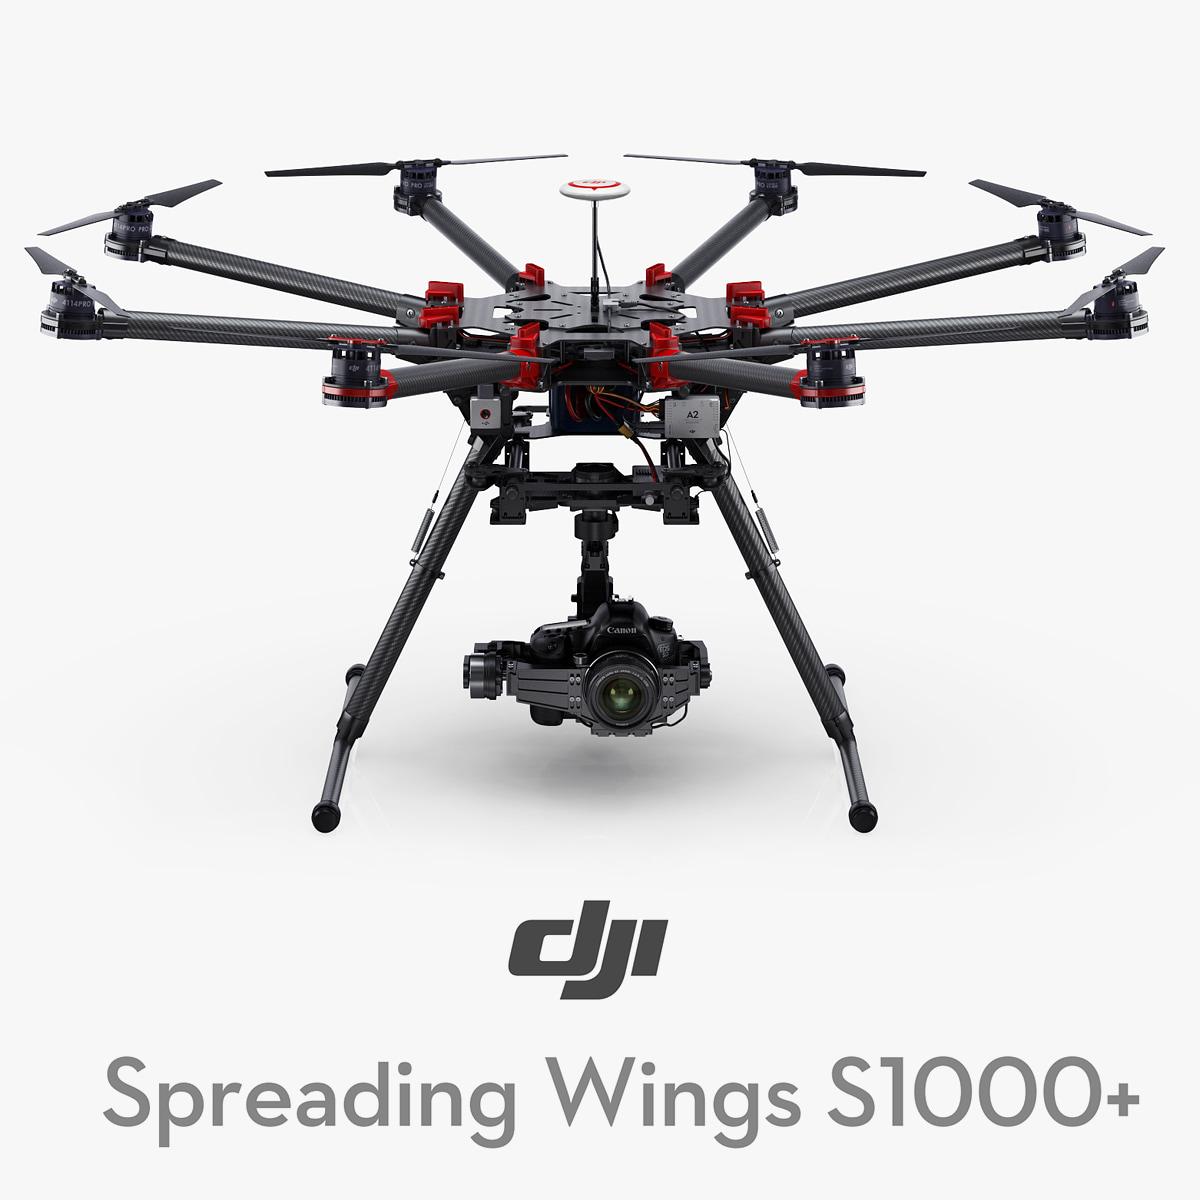 3d dji spreading wings s1000 model